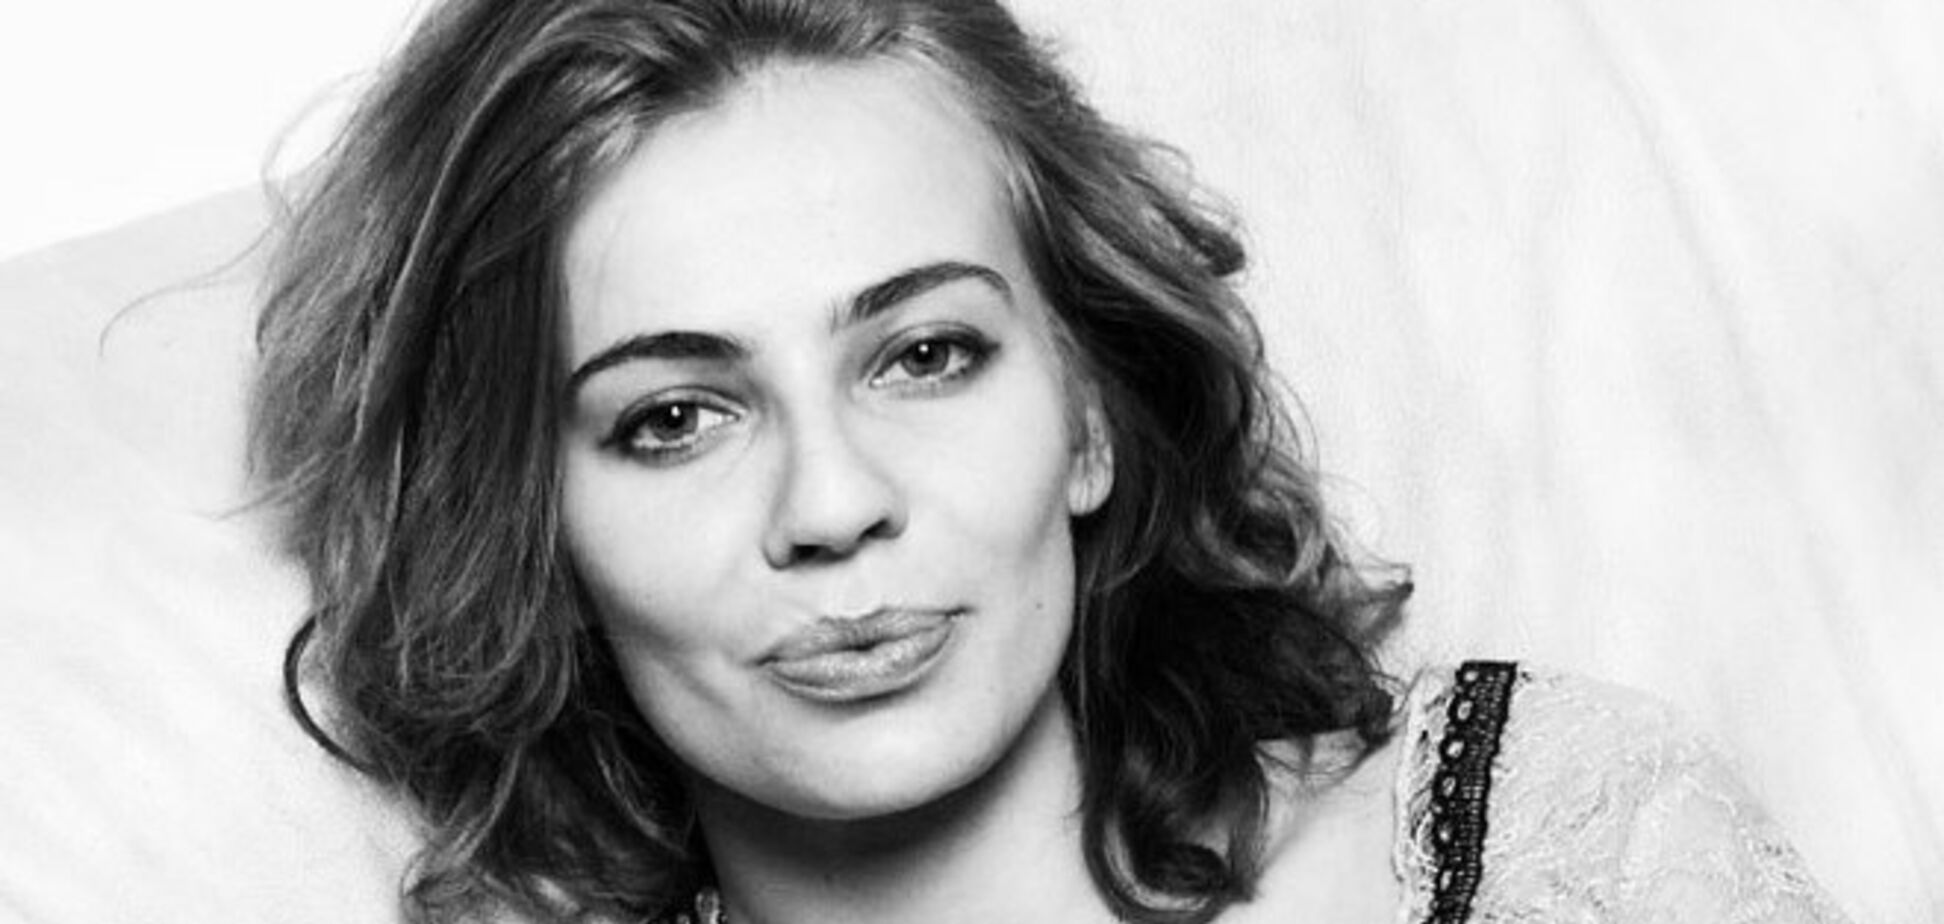 Глупая пропагандистка проболталась о том, где Кремль ТВ снимает фильмы про 'подвиги ополченцев'